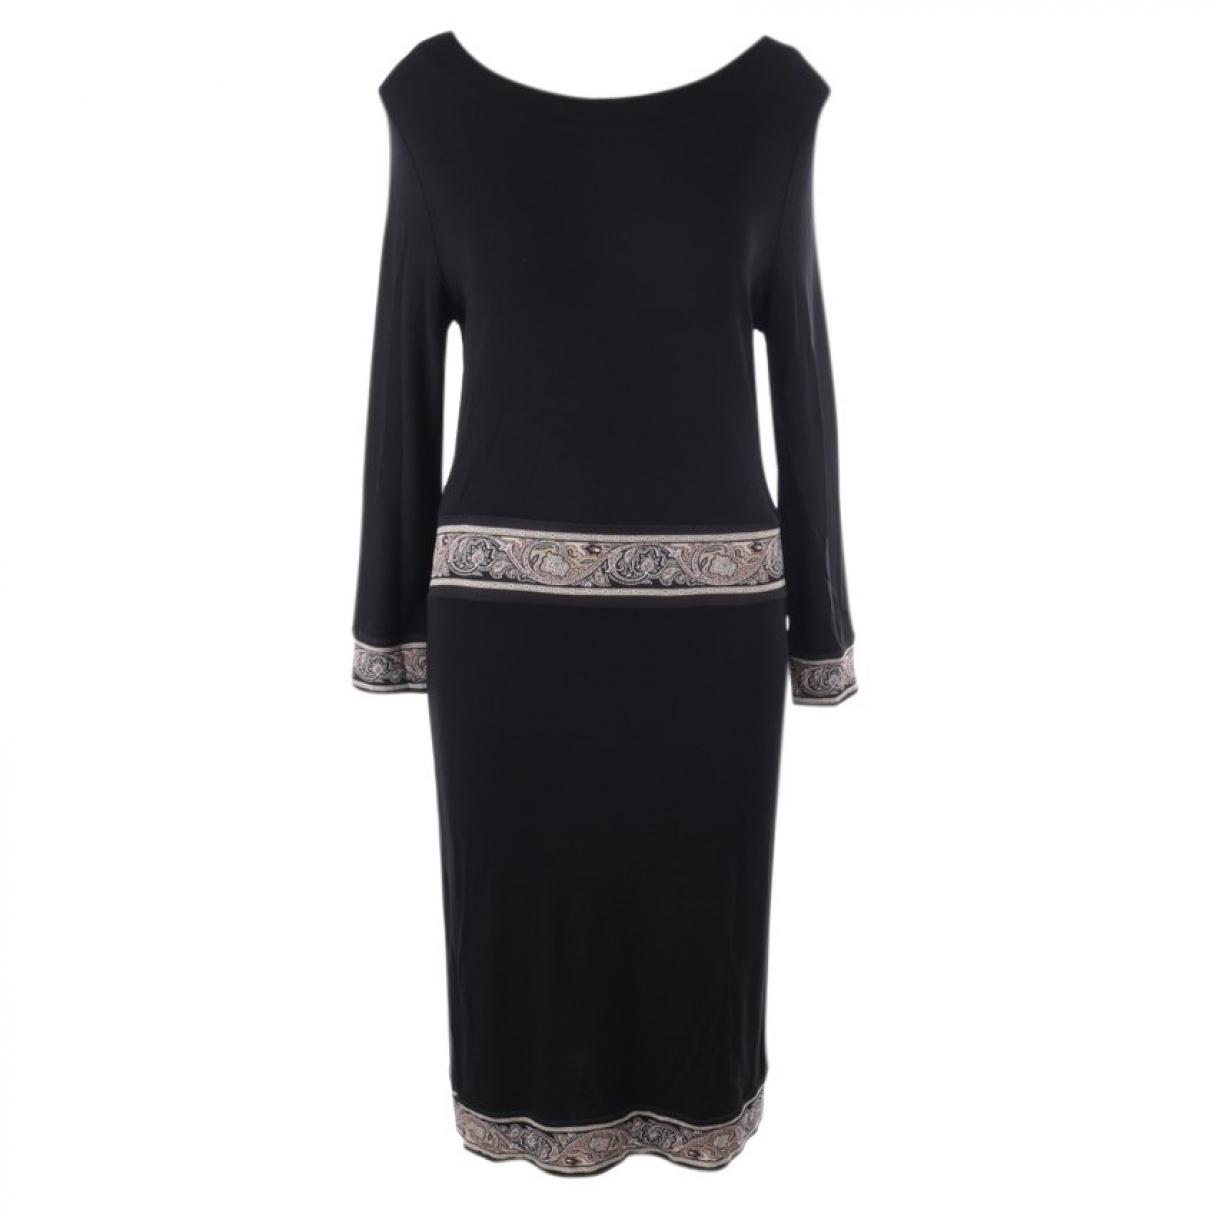 Etro \N Black dress for Women 38 FR